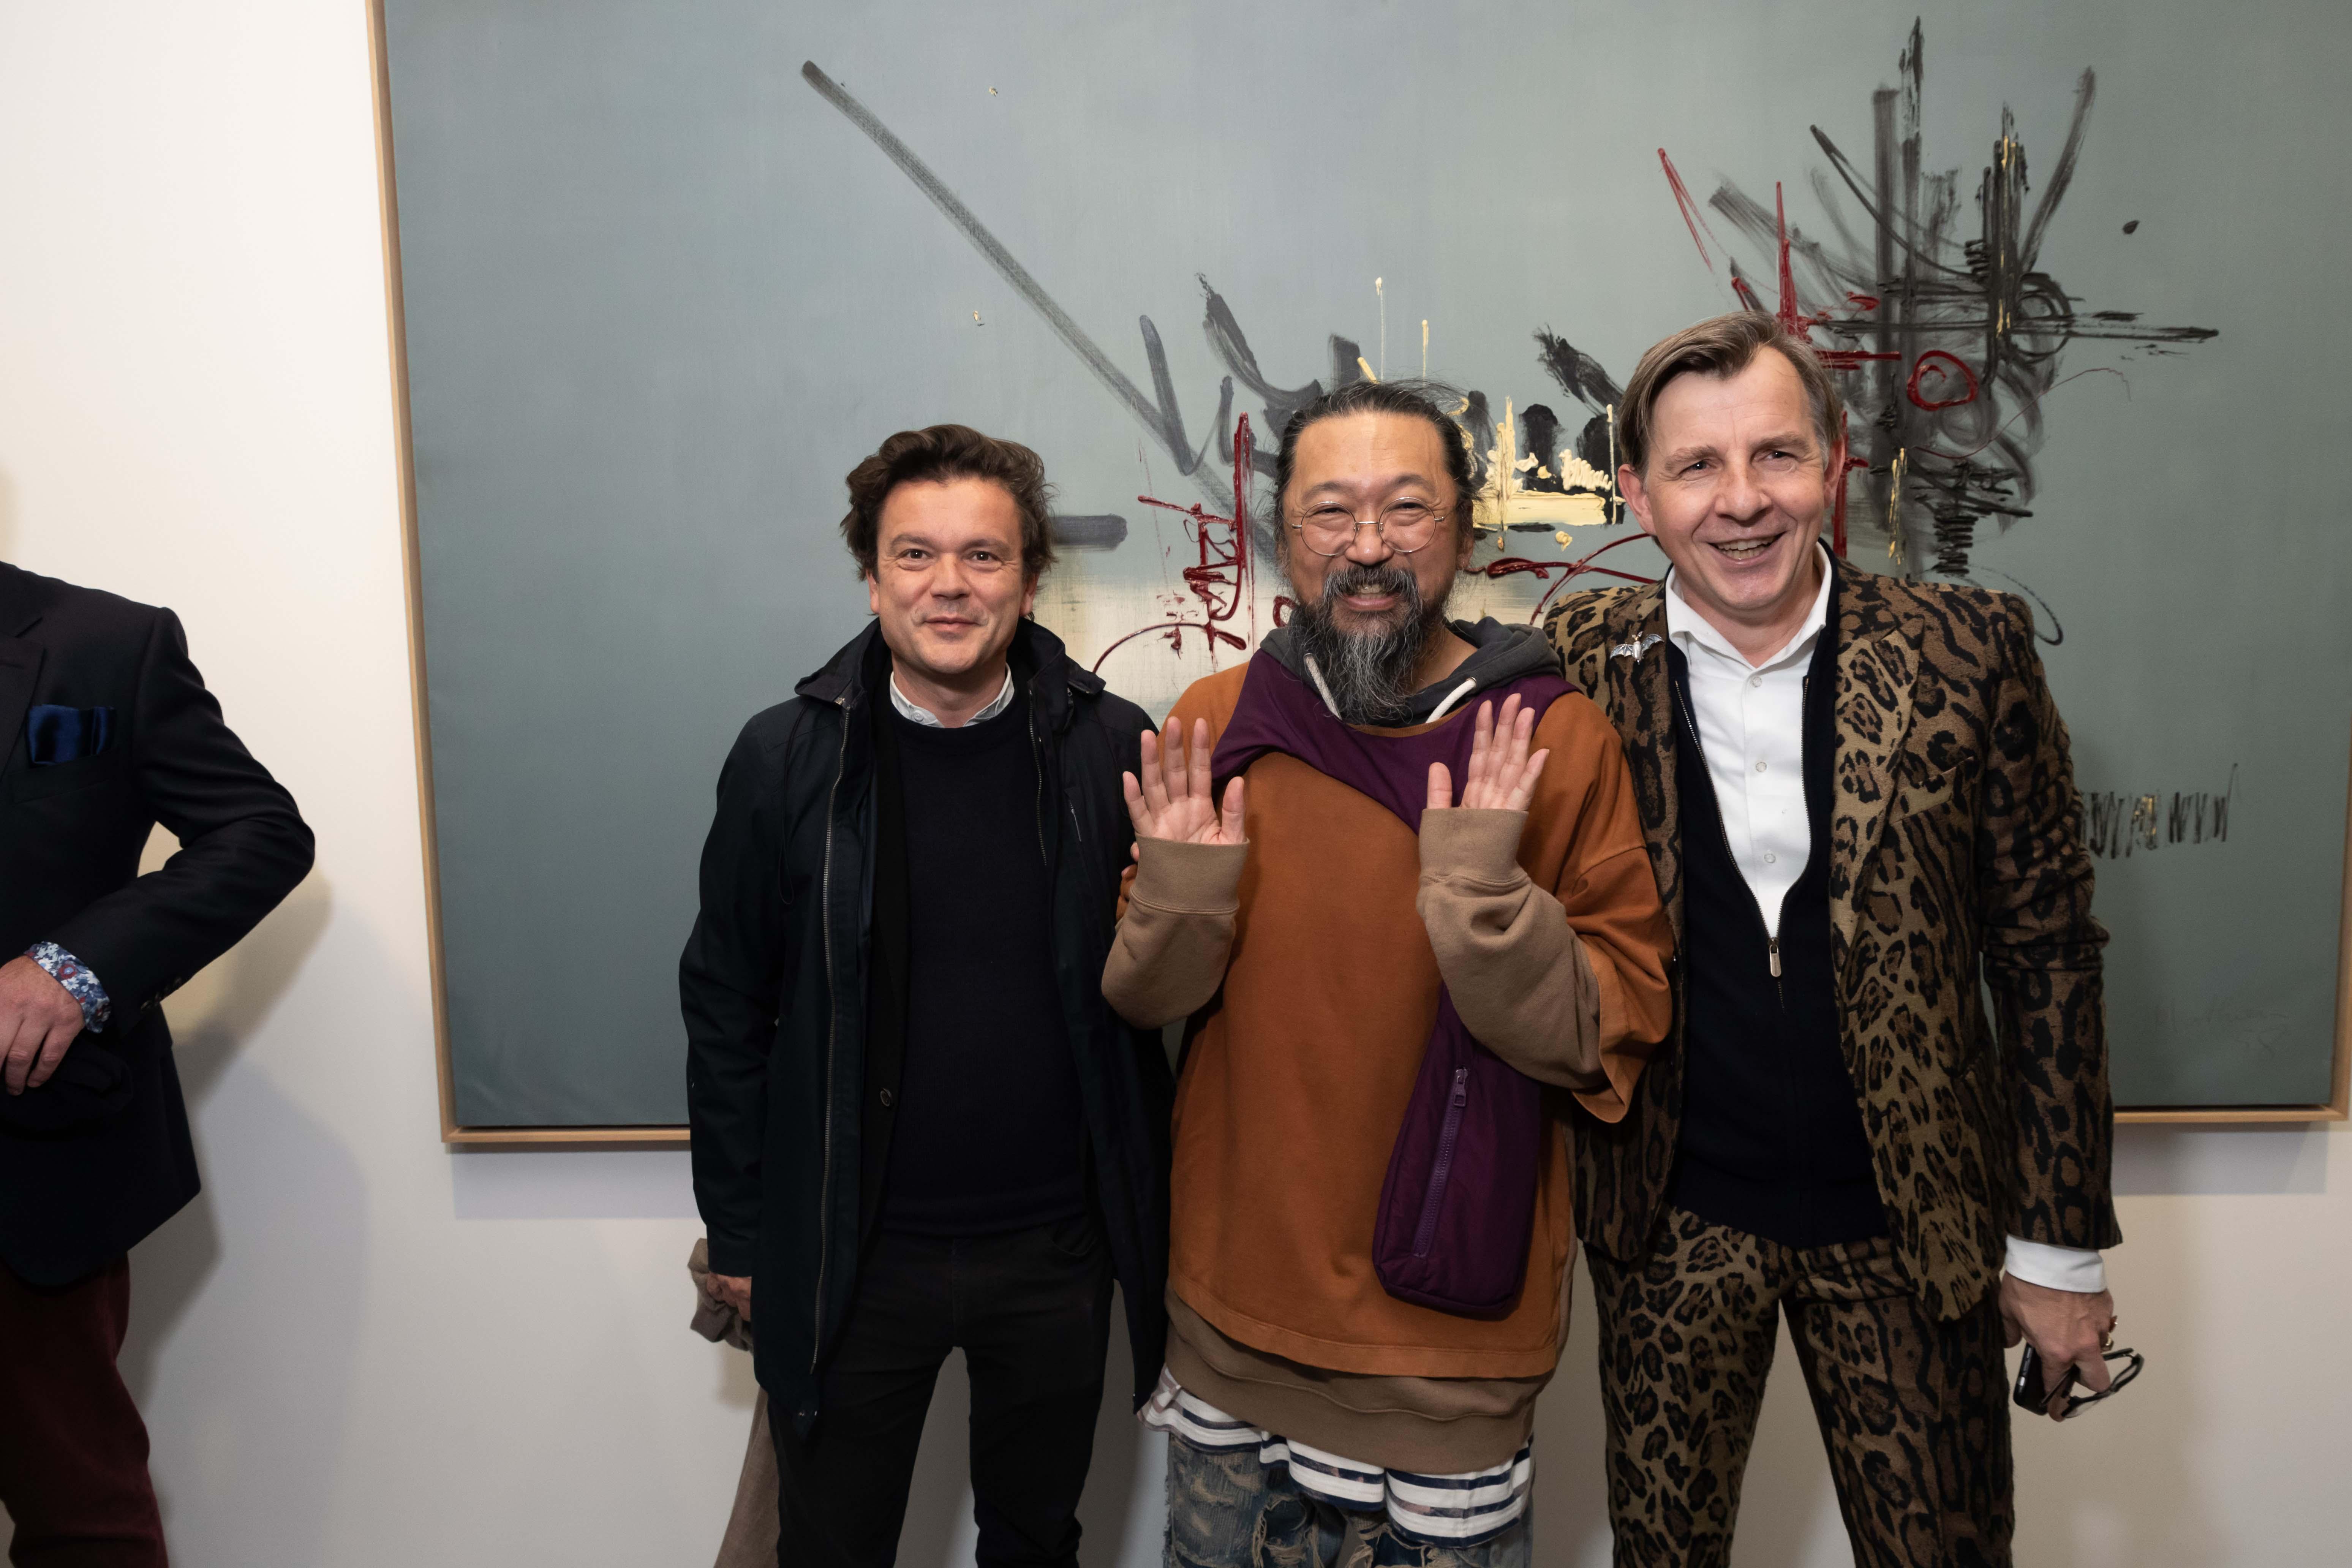 Jean-Michel Othoniel, Takashi Murakami et Johan Creten